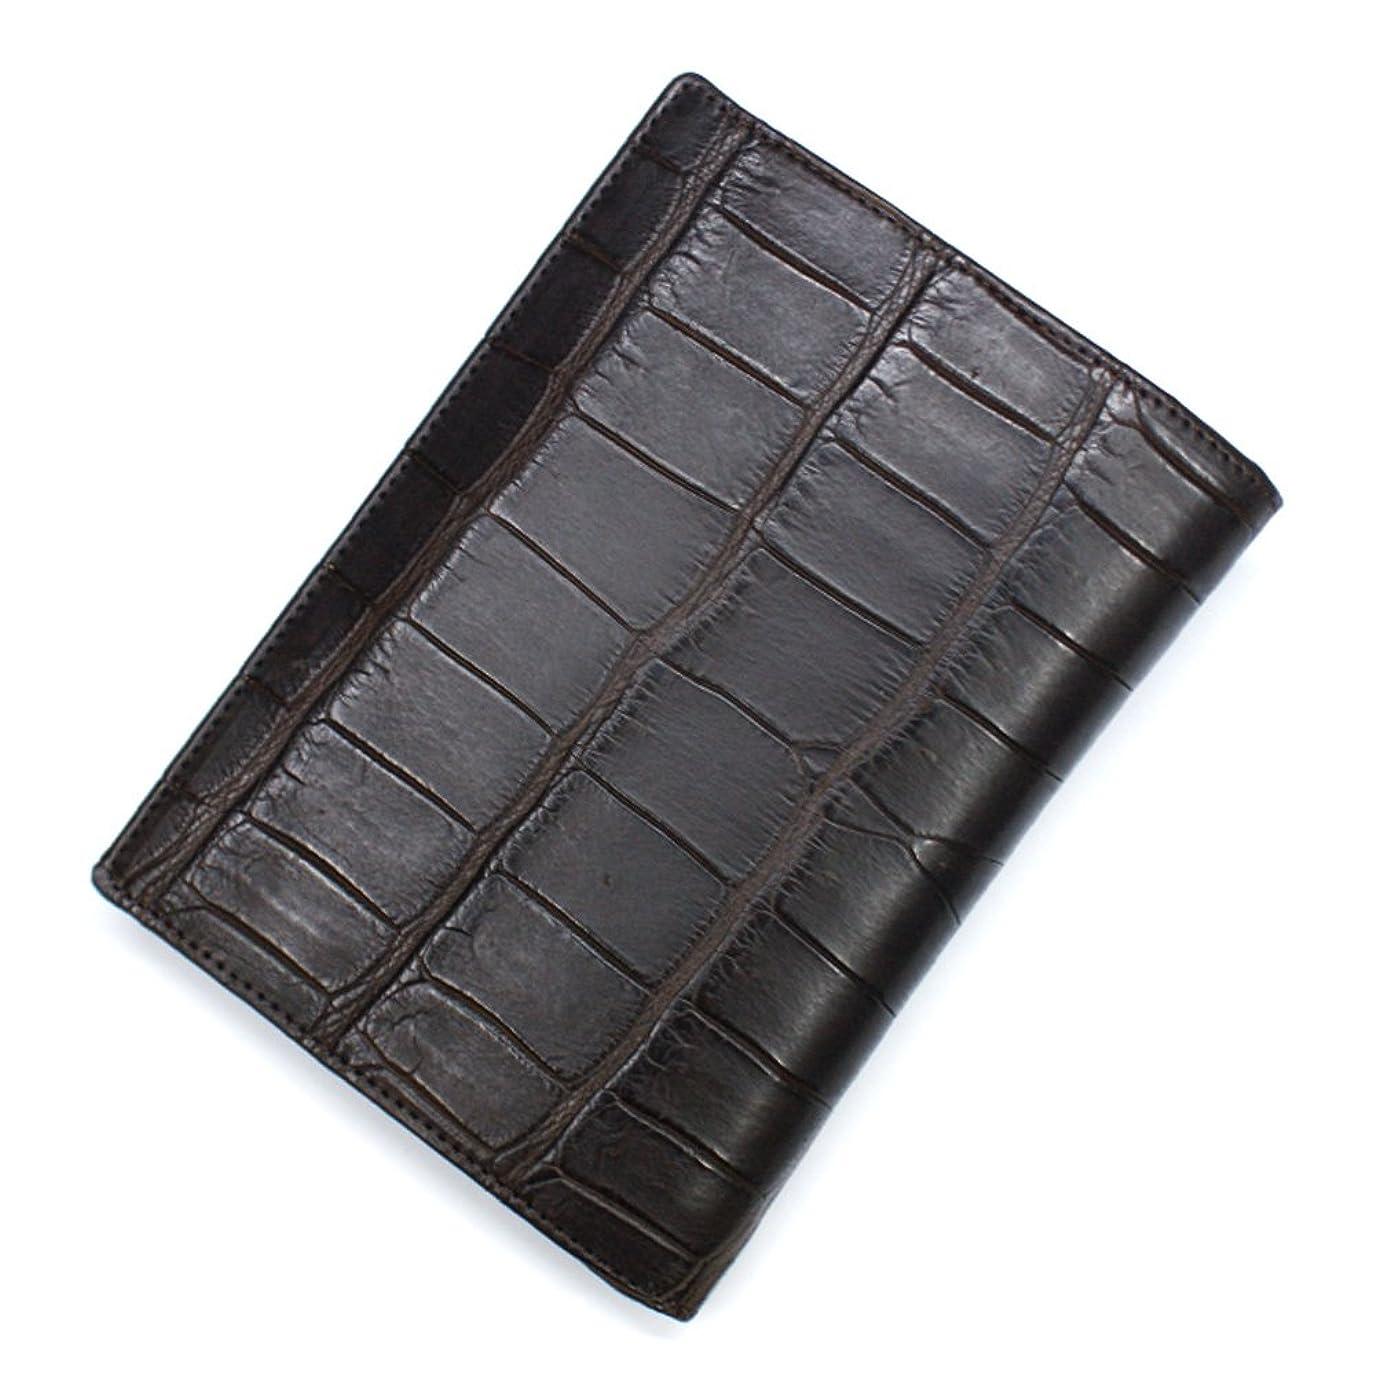 繰り返しあえぎ努力CRM1165-CHOCO クロコダイル革 ワニ革 二つ折り カード入れ カードホルダー カードケース レザー 薄型カード入れ 大容量 大量収納 パスポートサイズ L.size マット チョコ